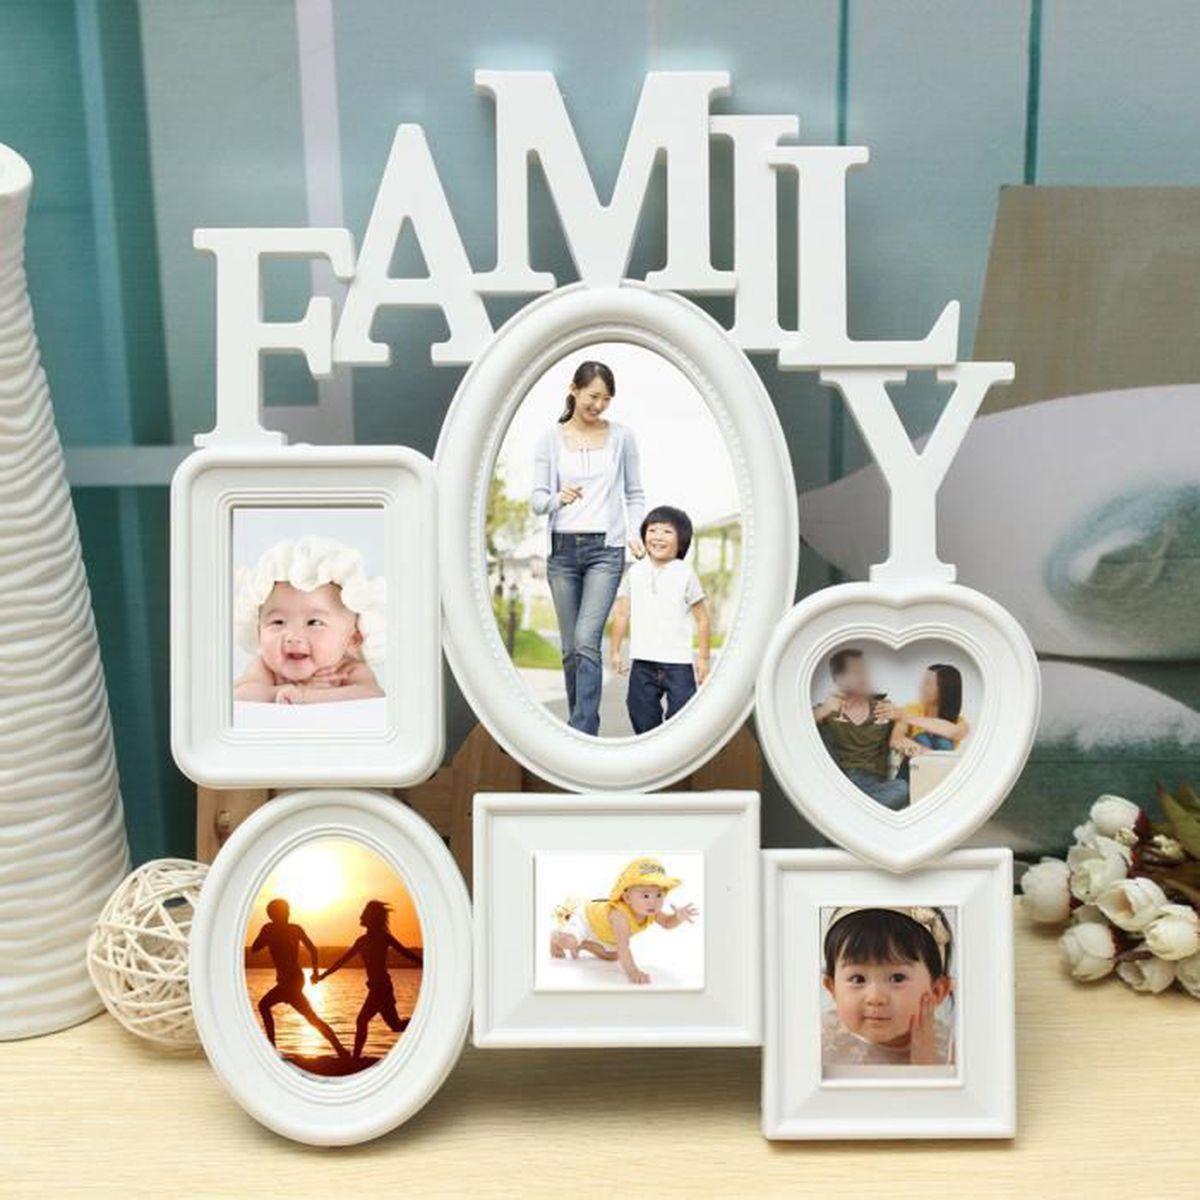 Bien-aimé Cadre photo famille - Achat / Vente Cadre photo famille pas cher  IL73